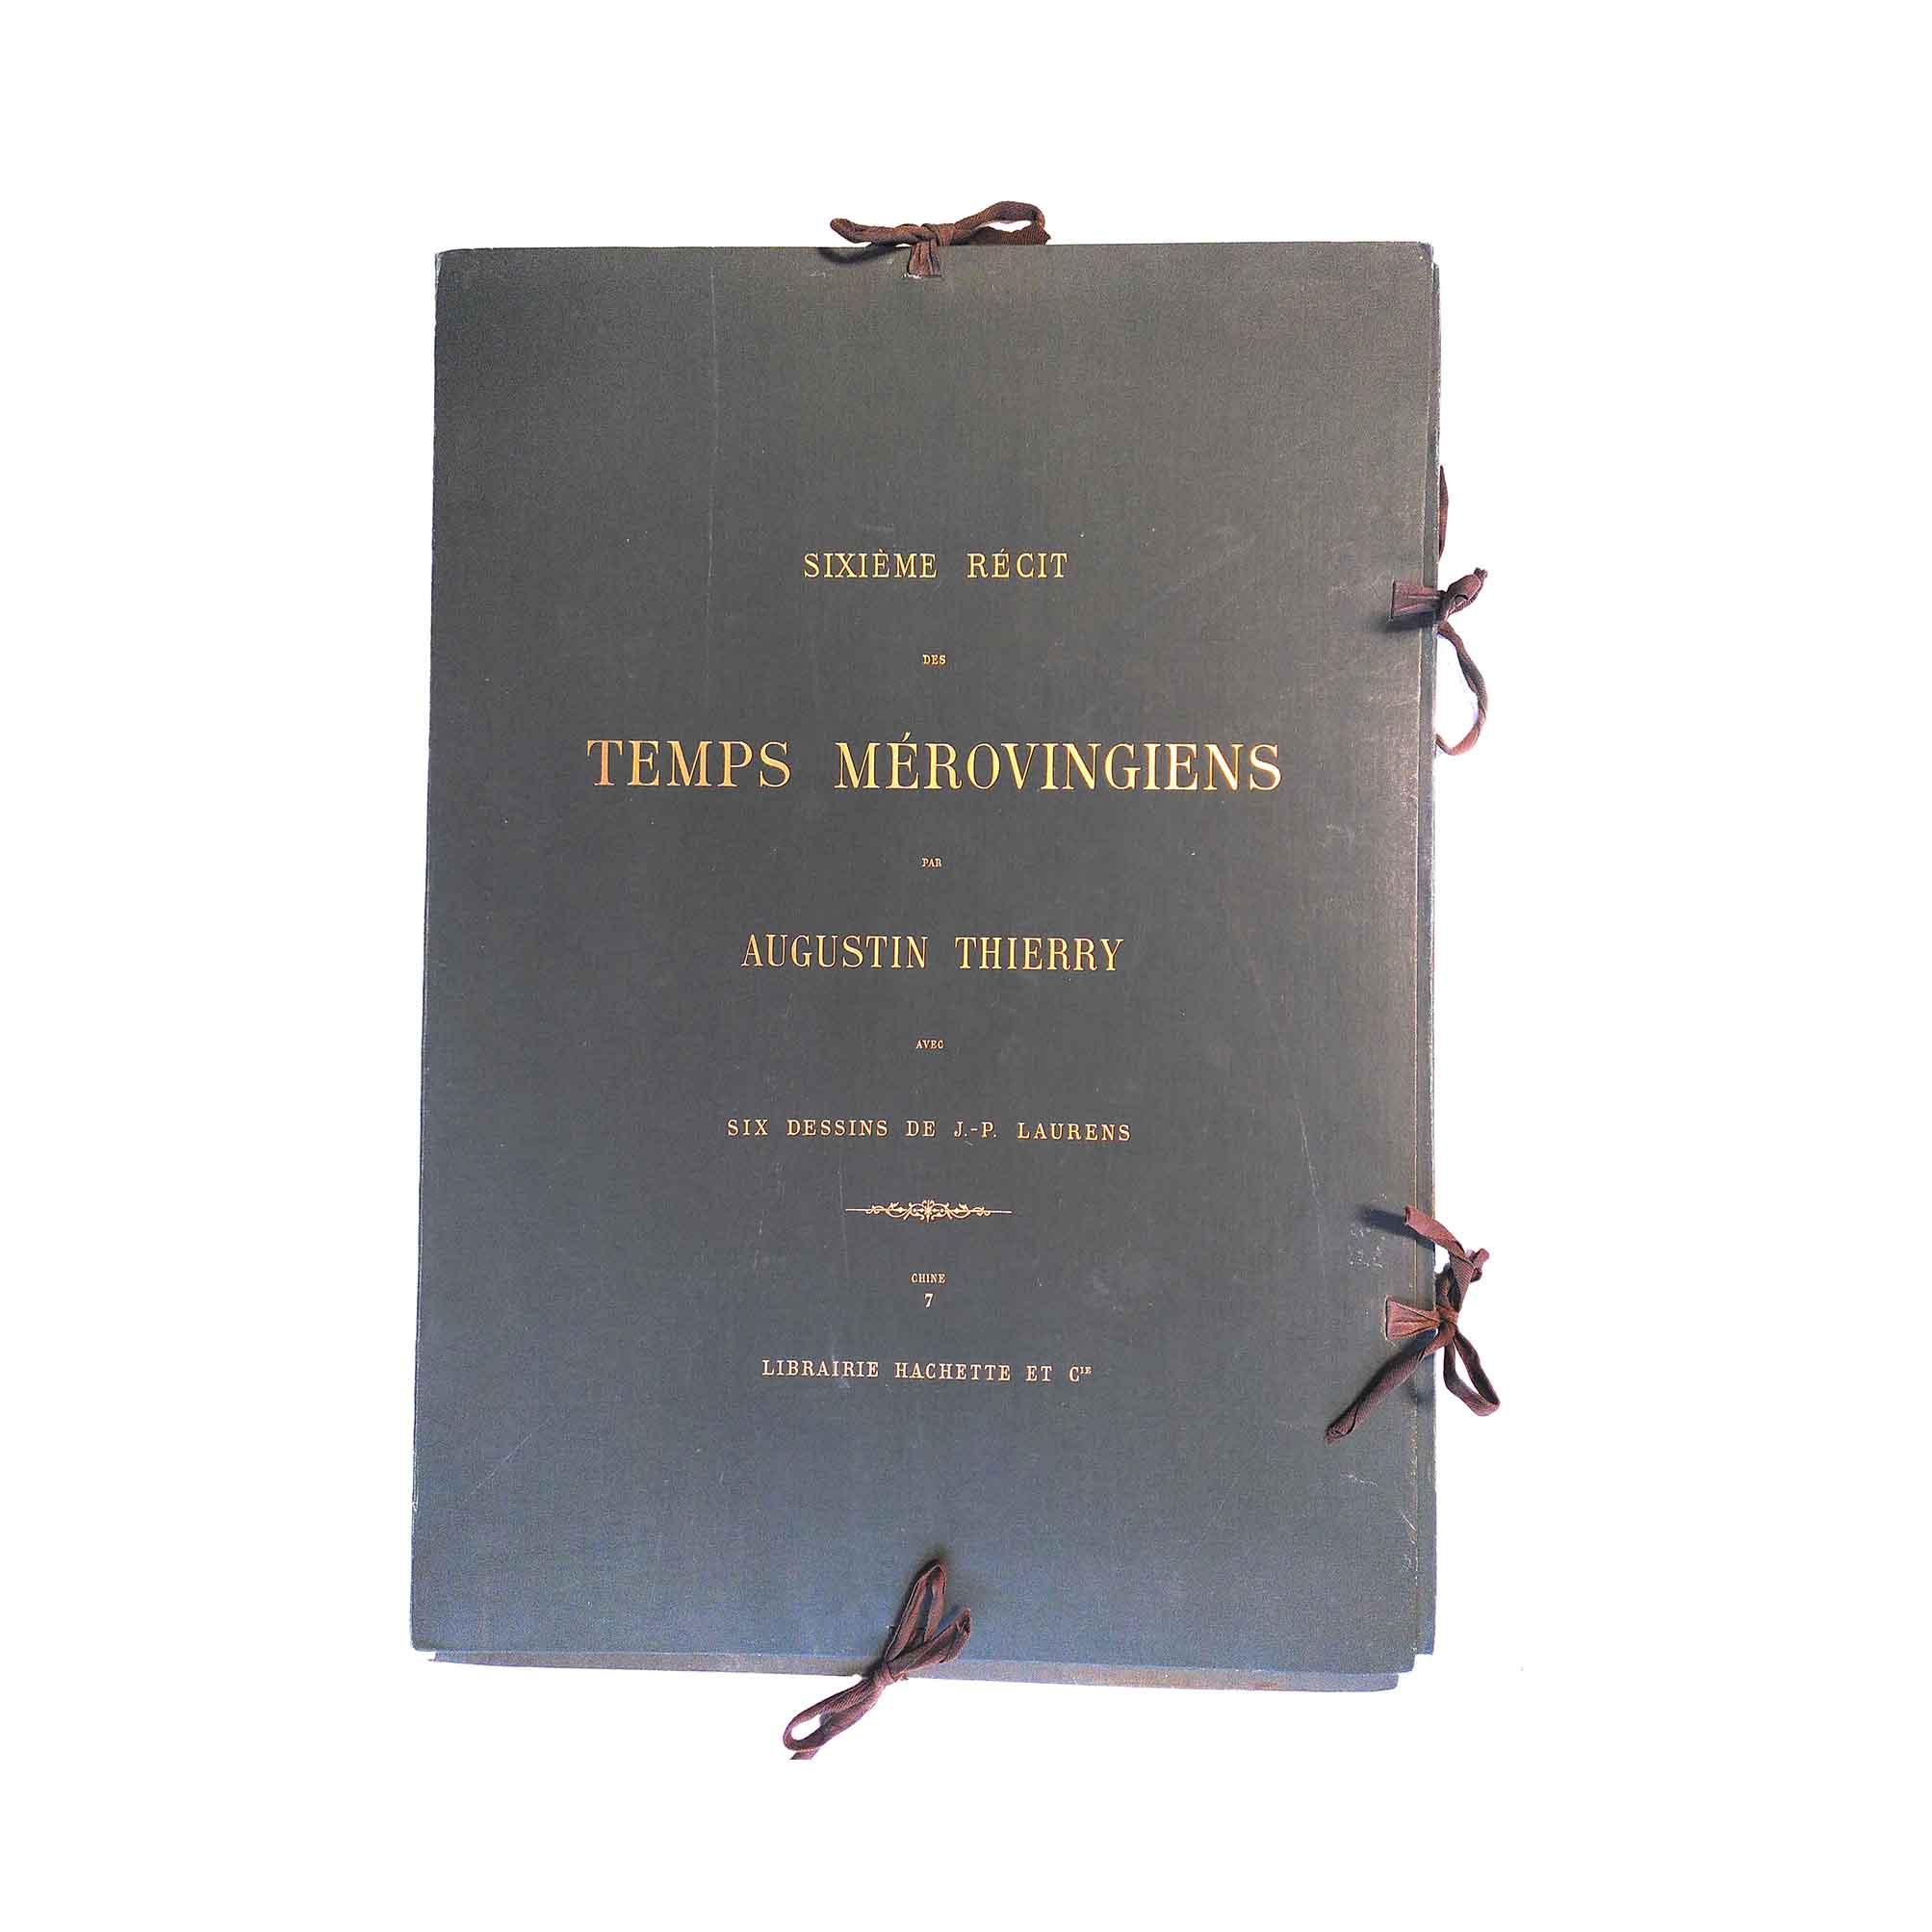 5970-Thierry-Laurens-Recits-Merovingiens-6.-Teil-1886-Titel-frei-N.jpg